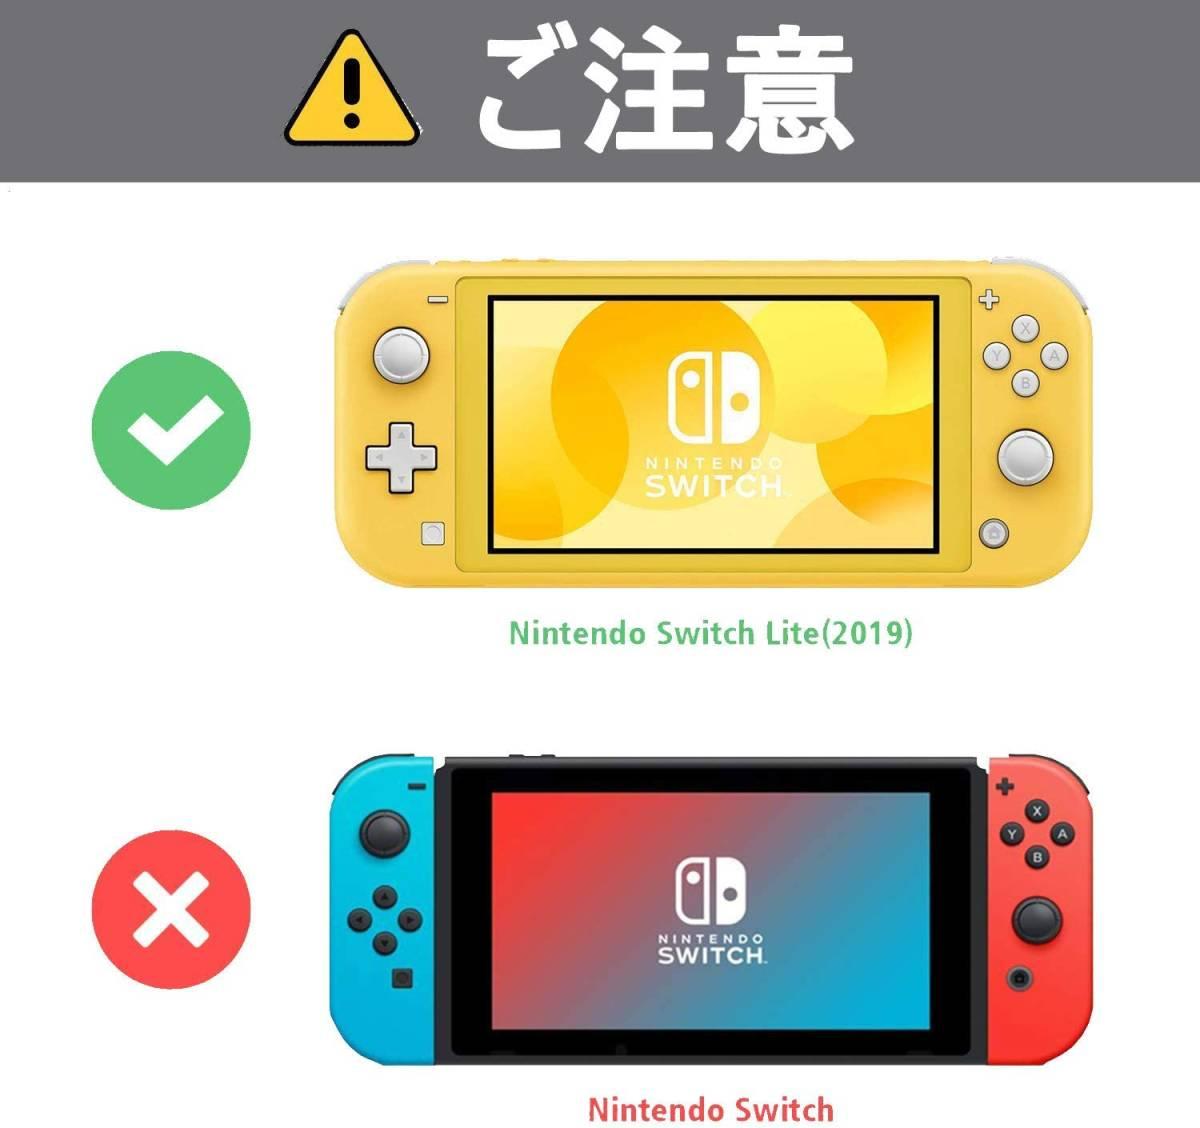 新品未開封 Nintendo Switch Lite用 ガラスフィルム 任天堂ニンテンドー スイッチ 強化ガラス 保護フィルム 硬度 9H ブルーライトカット_画像6